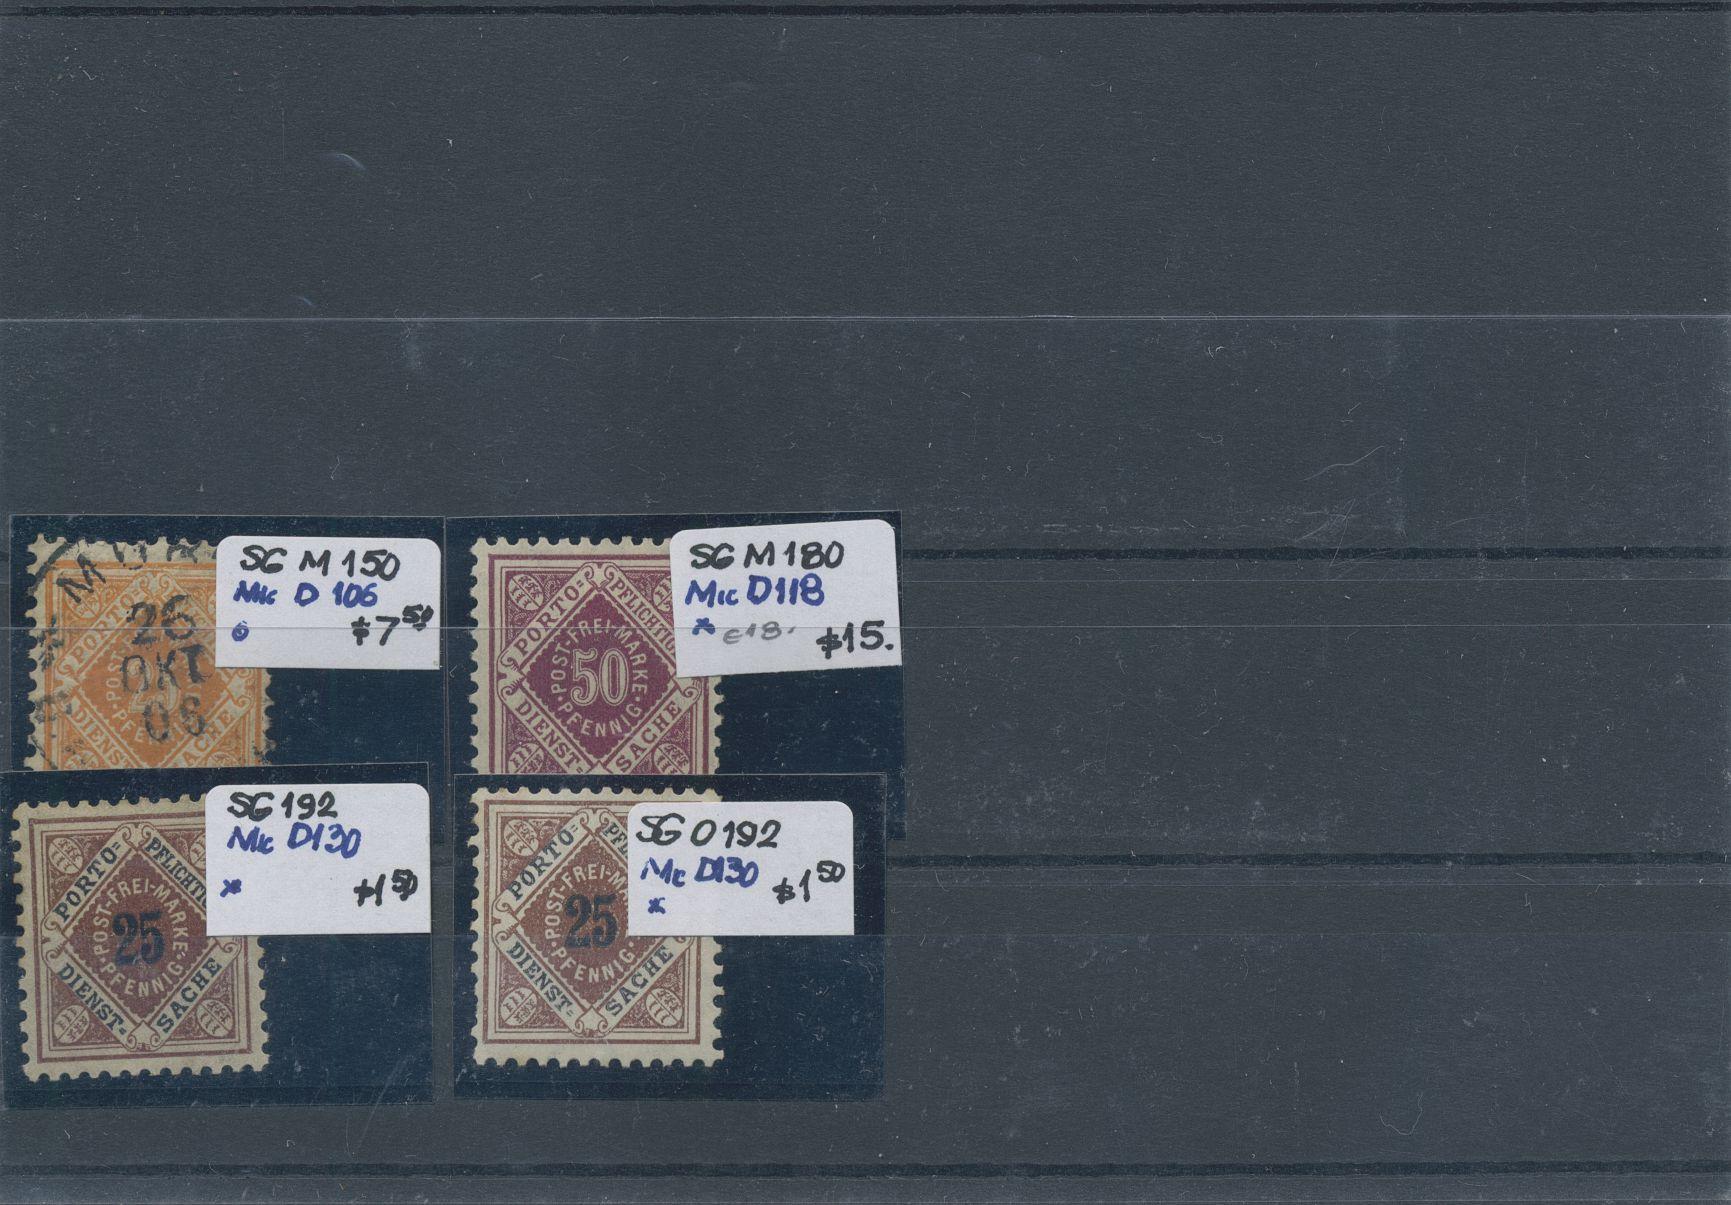 Lot 36129 - altdeutschland und deutsches reich  -  Auktionshaus Christoph Gärtner GmbH & Co. KG Sale #44 Collections Germany